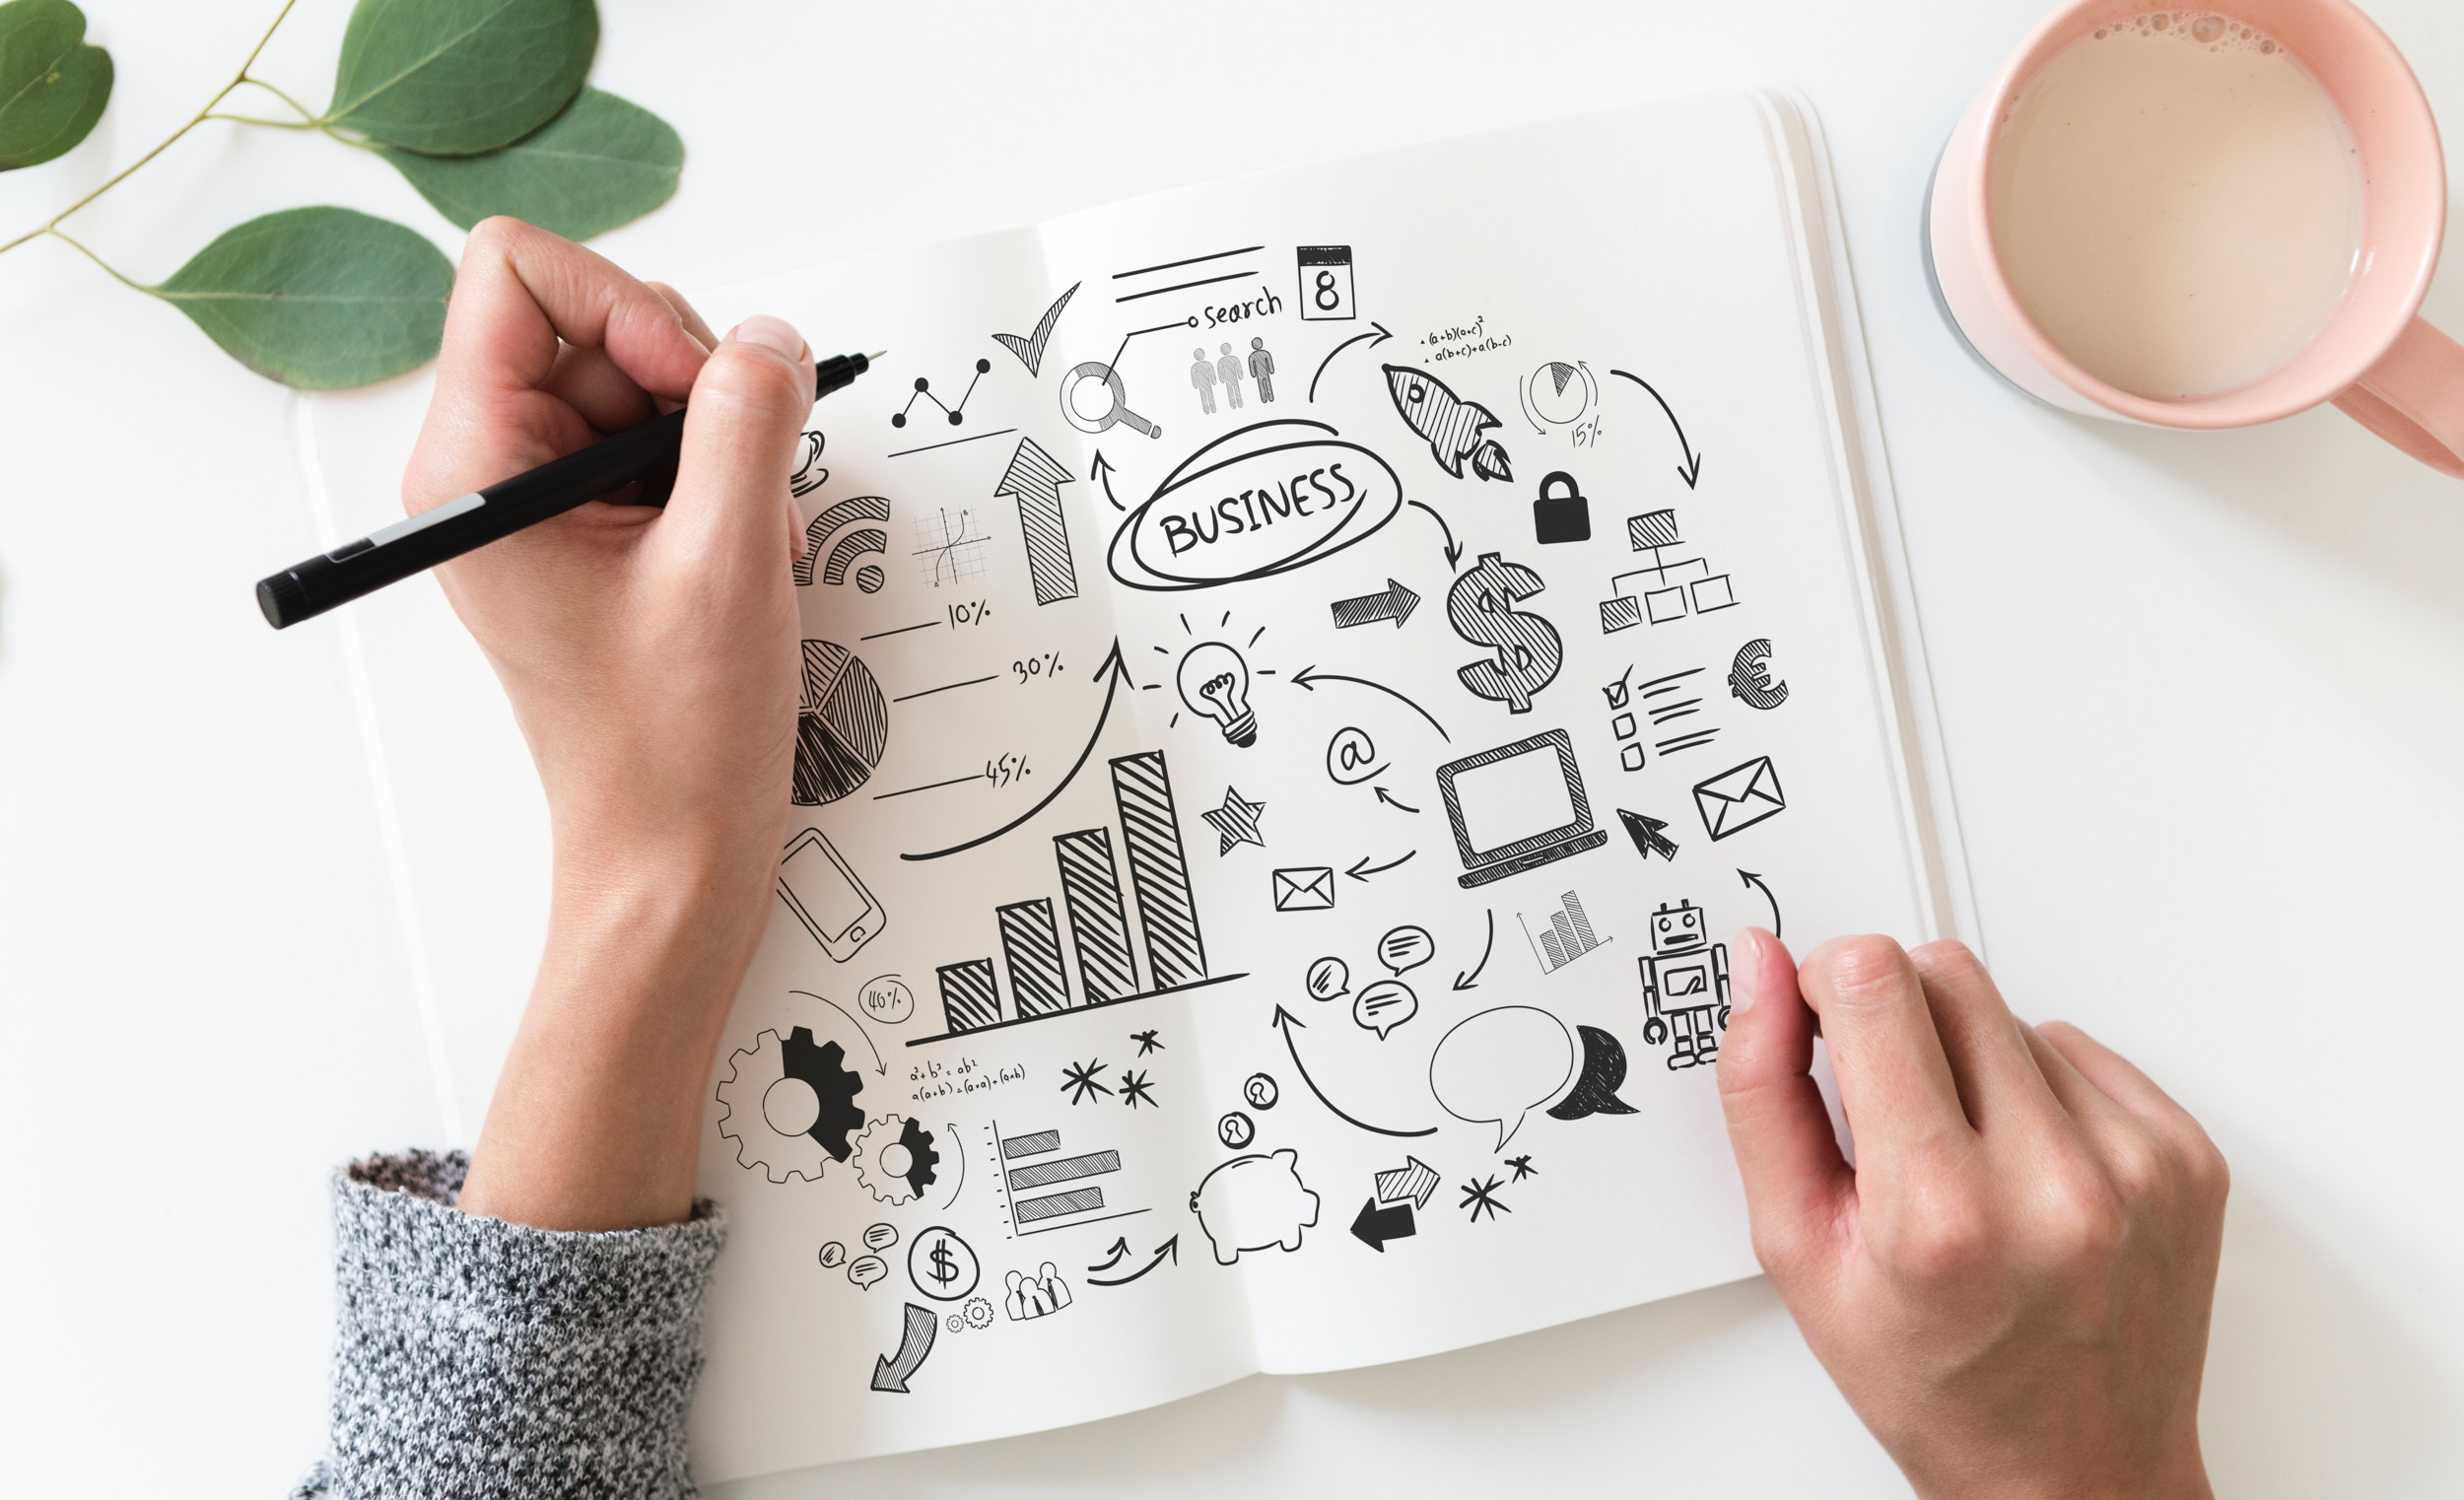 la vostra azienda segue una strategia di vendita